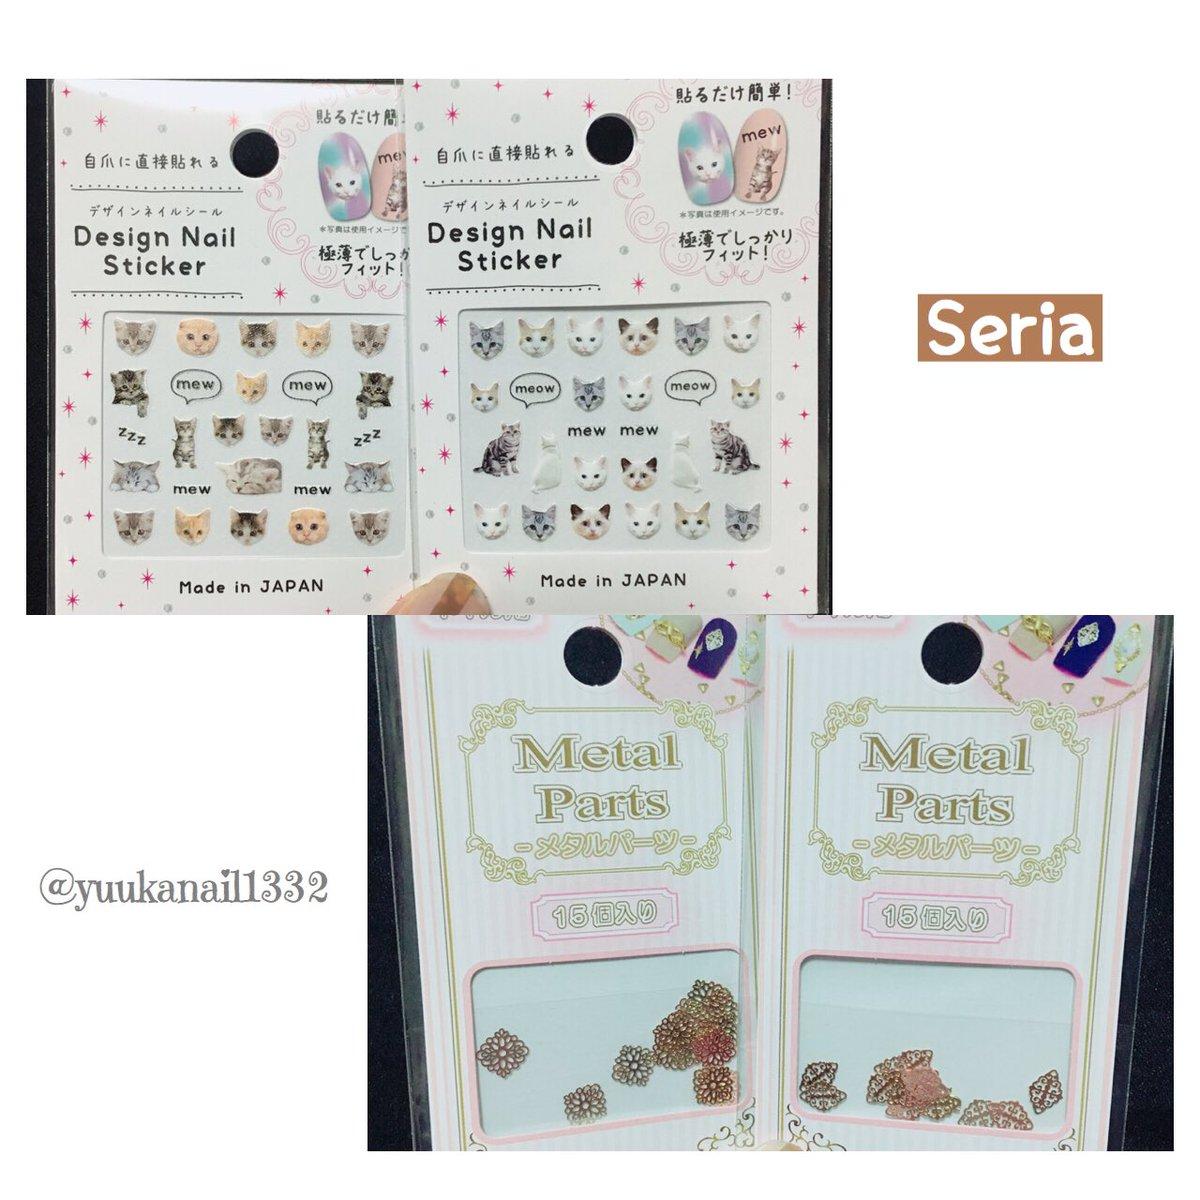 最近の購入品②♡セリアの新しく出たネイルシール2種とメタルパーツの追加品ねこちゃんかわいいいいいい pic.twitter.com/guokxUPIJD